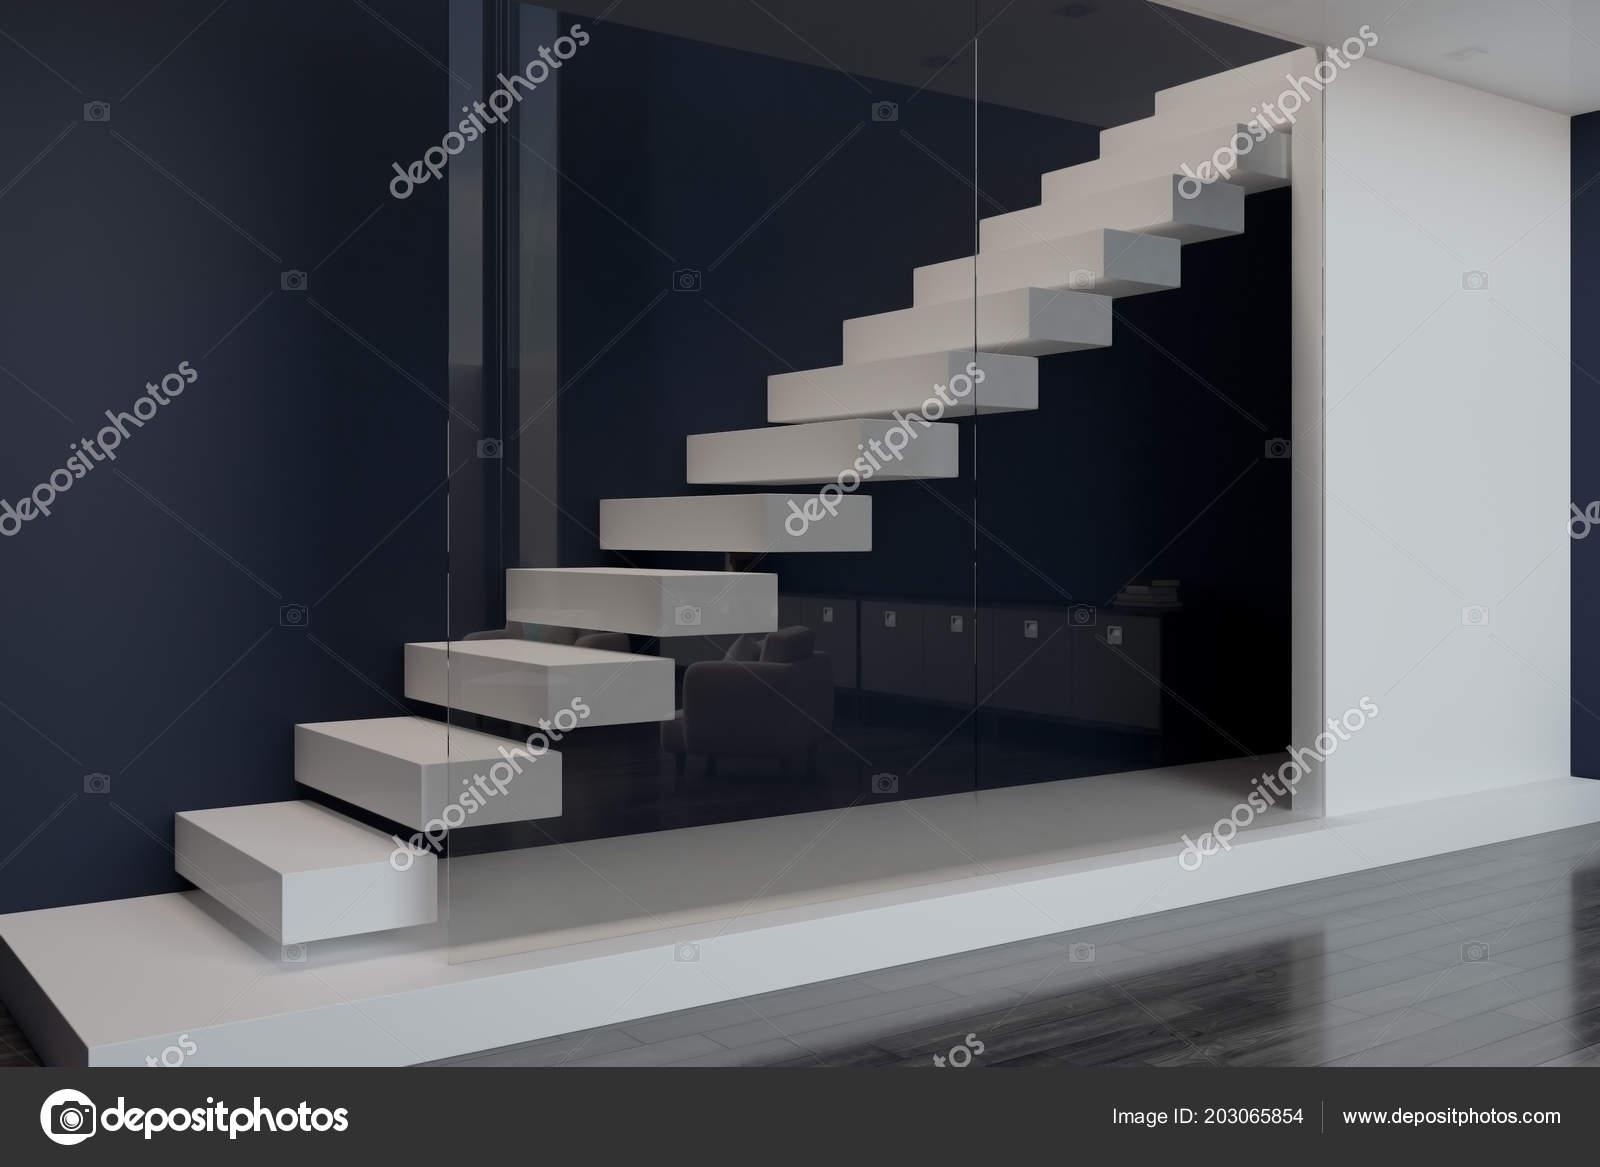 Blank white slab floors white stairs glass wall ini modern